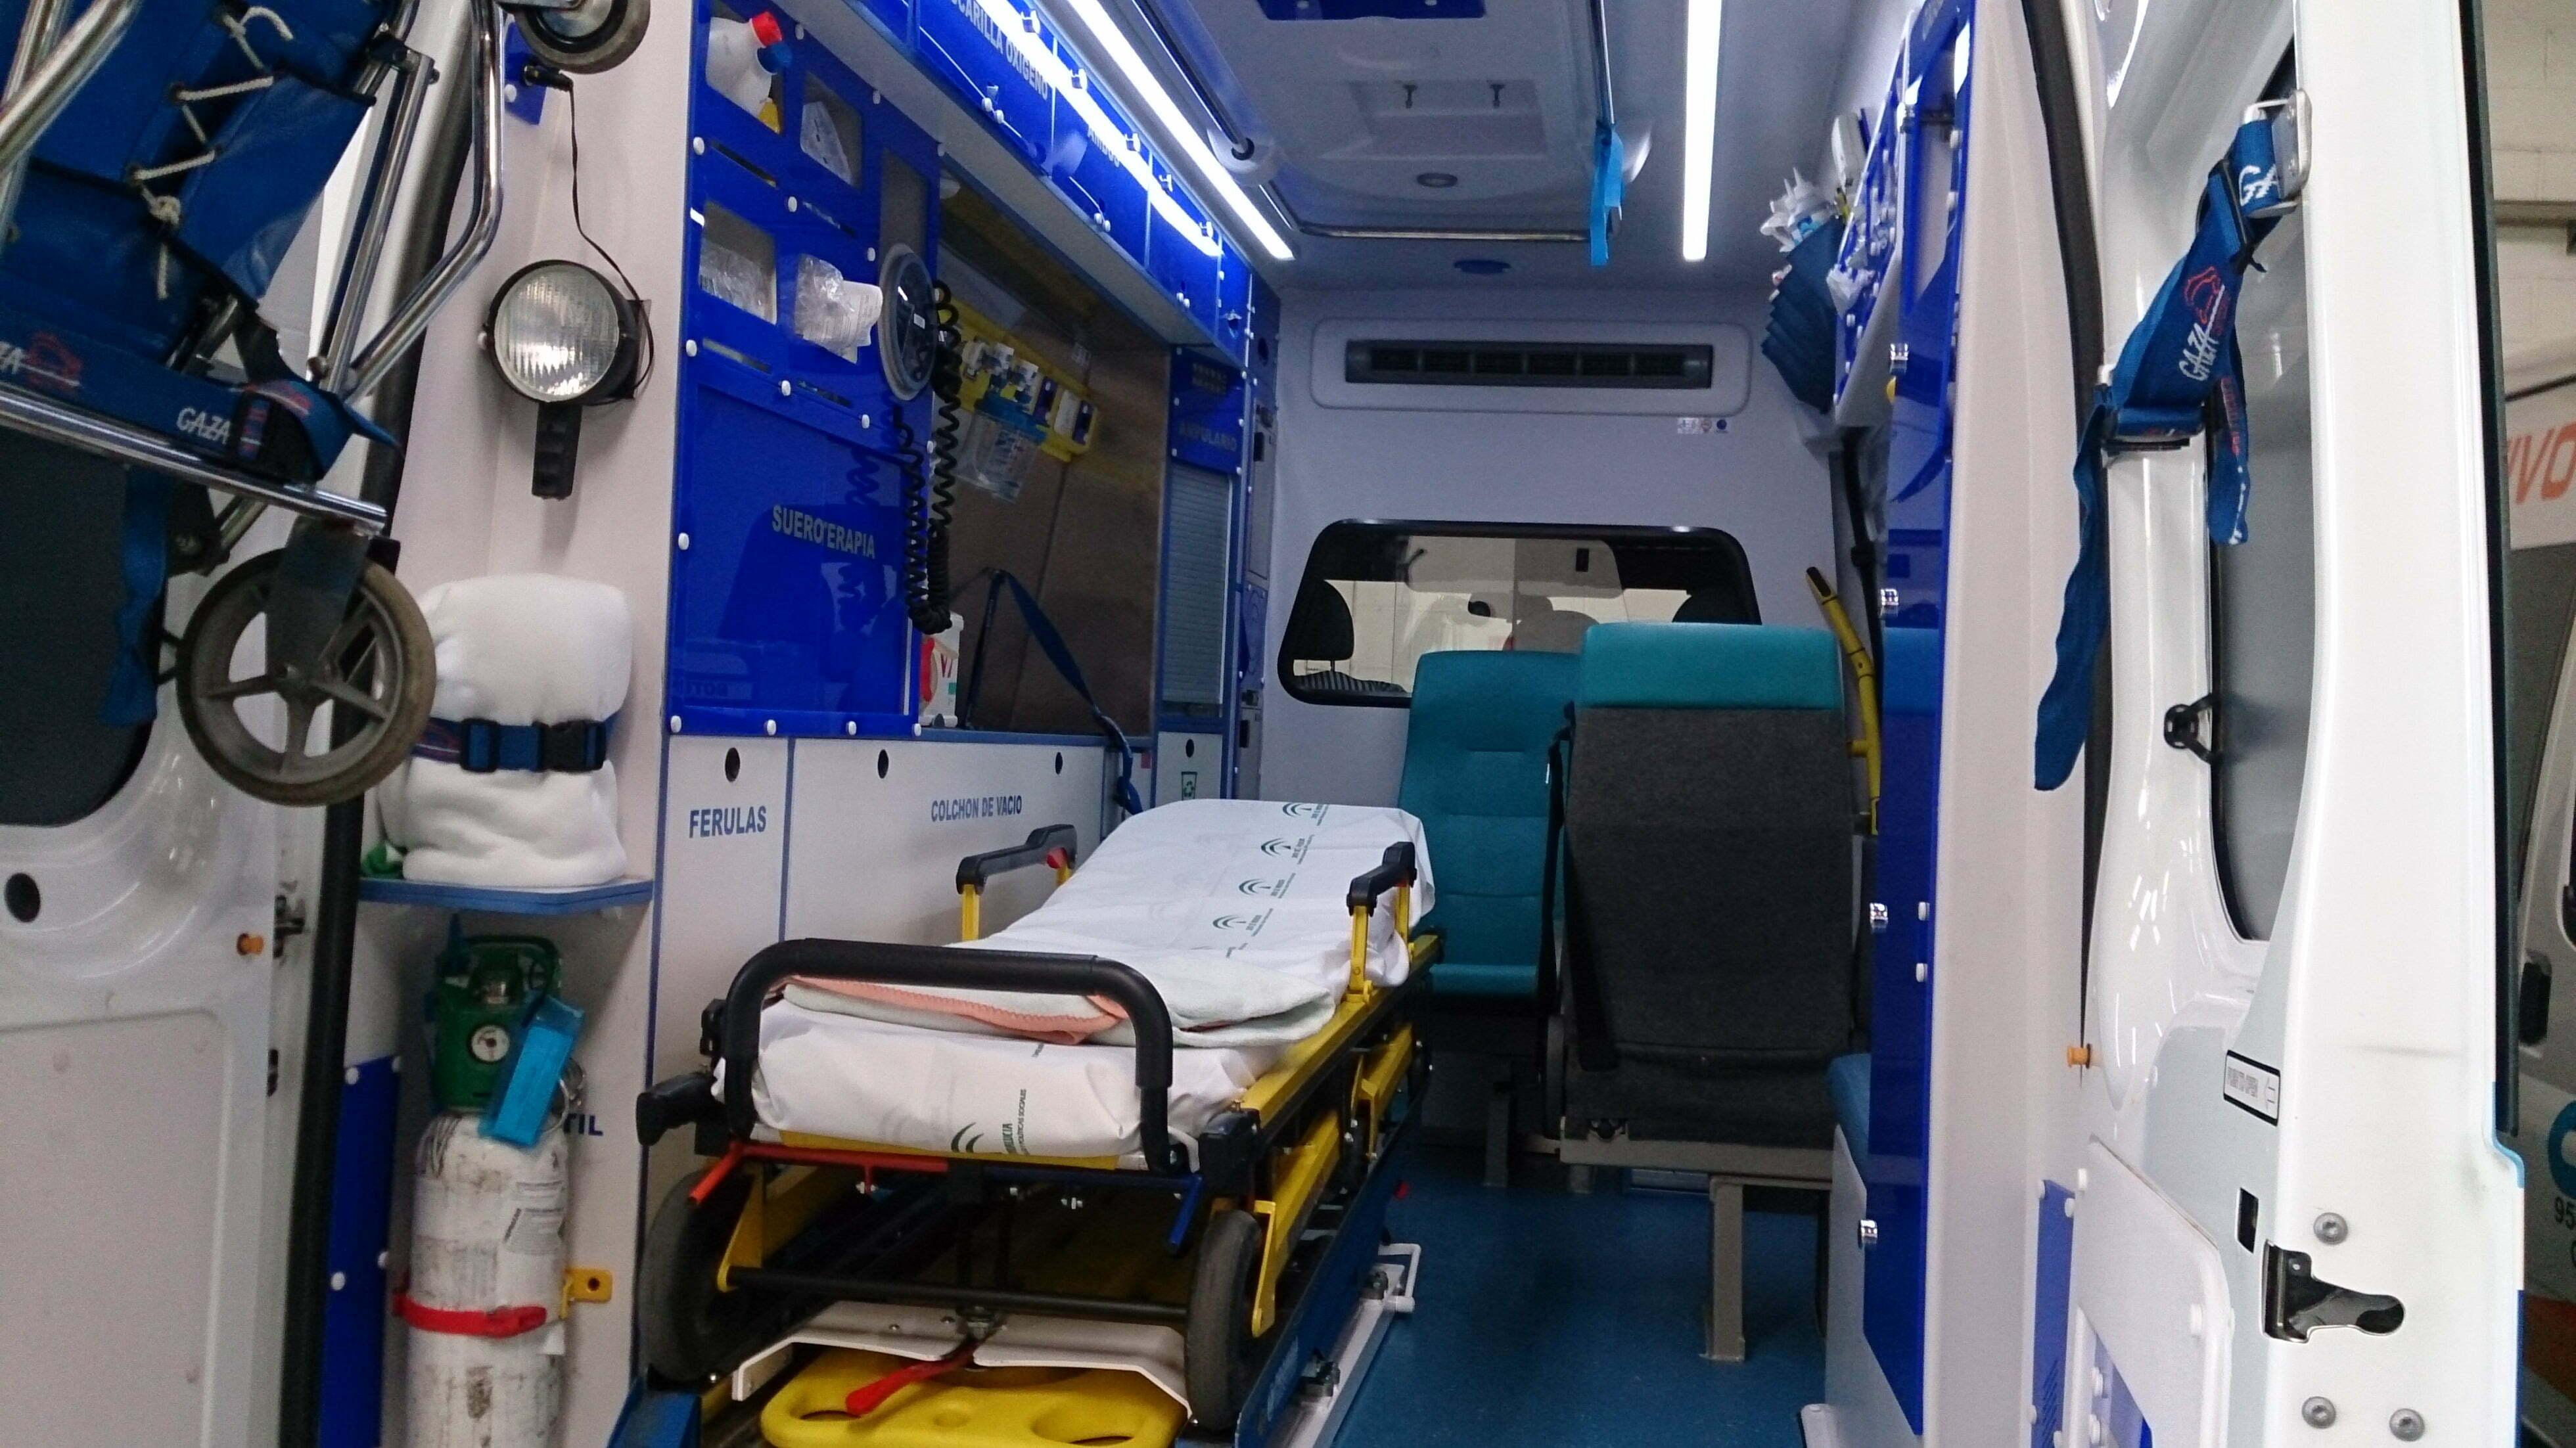 Traslado de pacientes en ambulancia Granada y provincia